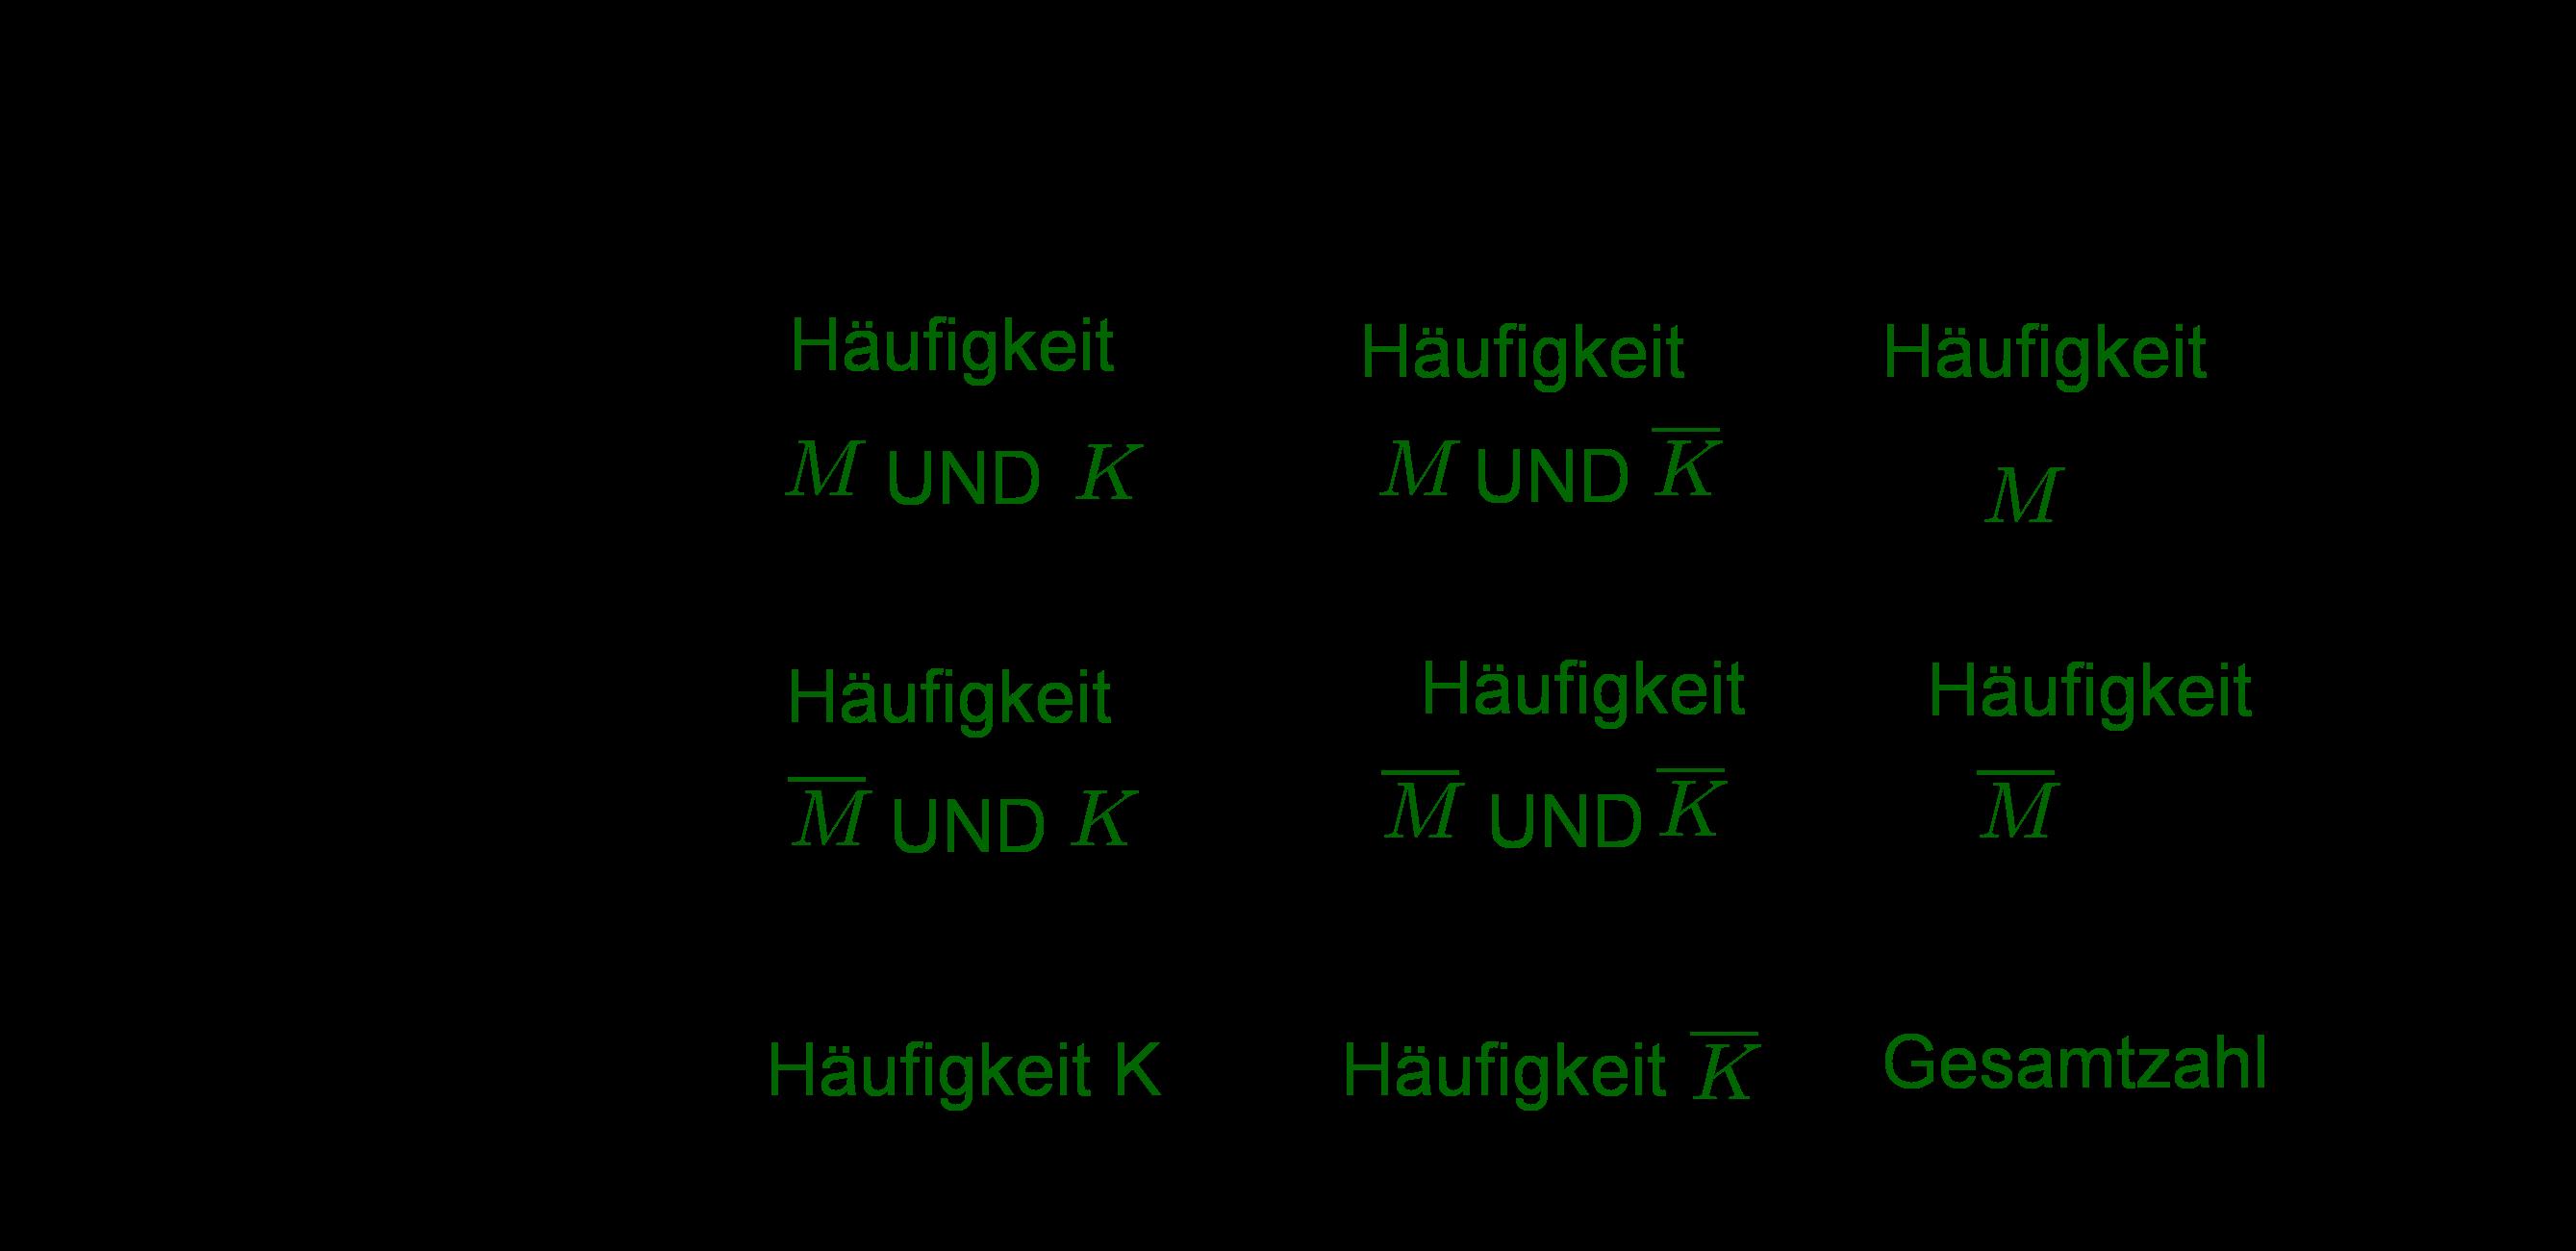 Vierfeldertafel ausgefüllt, Häufigkeiten, M und K